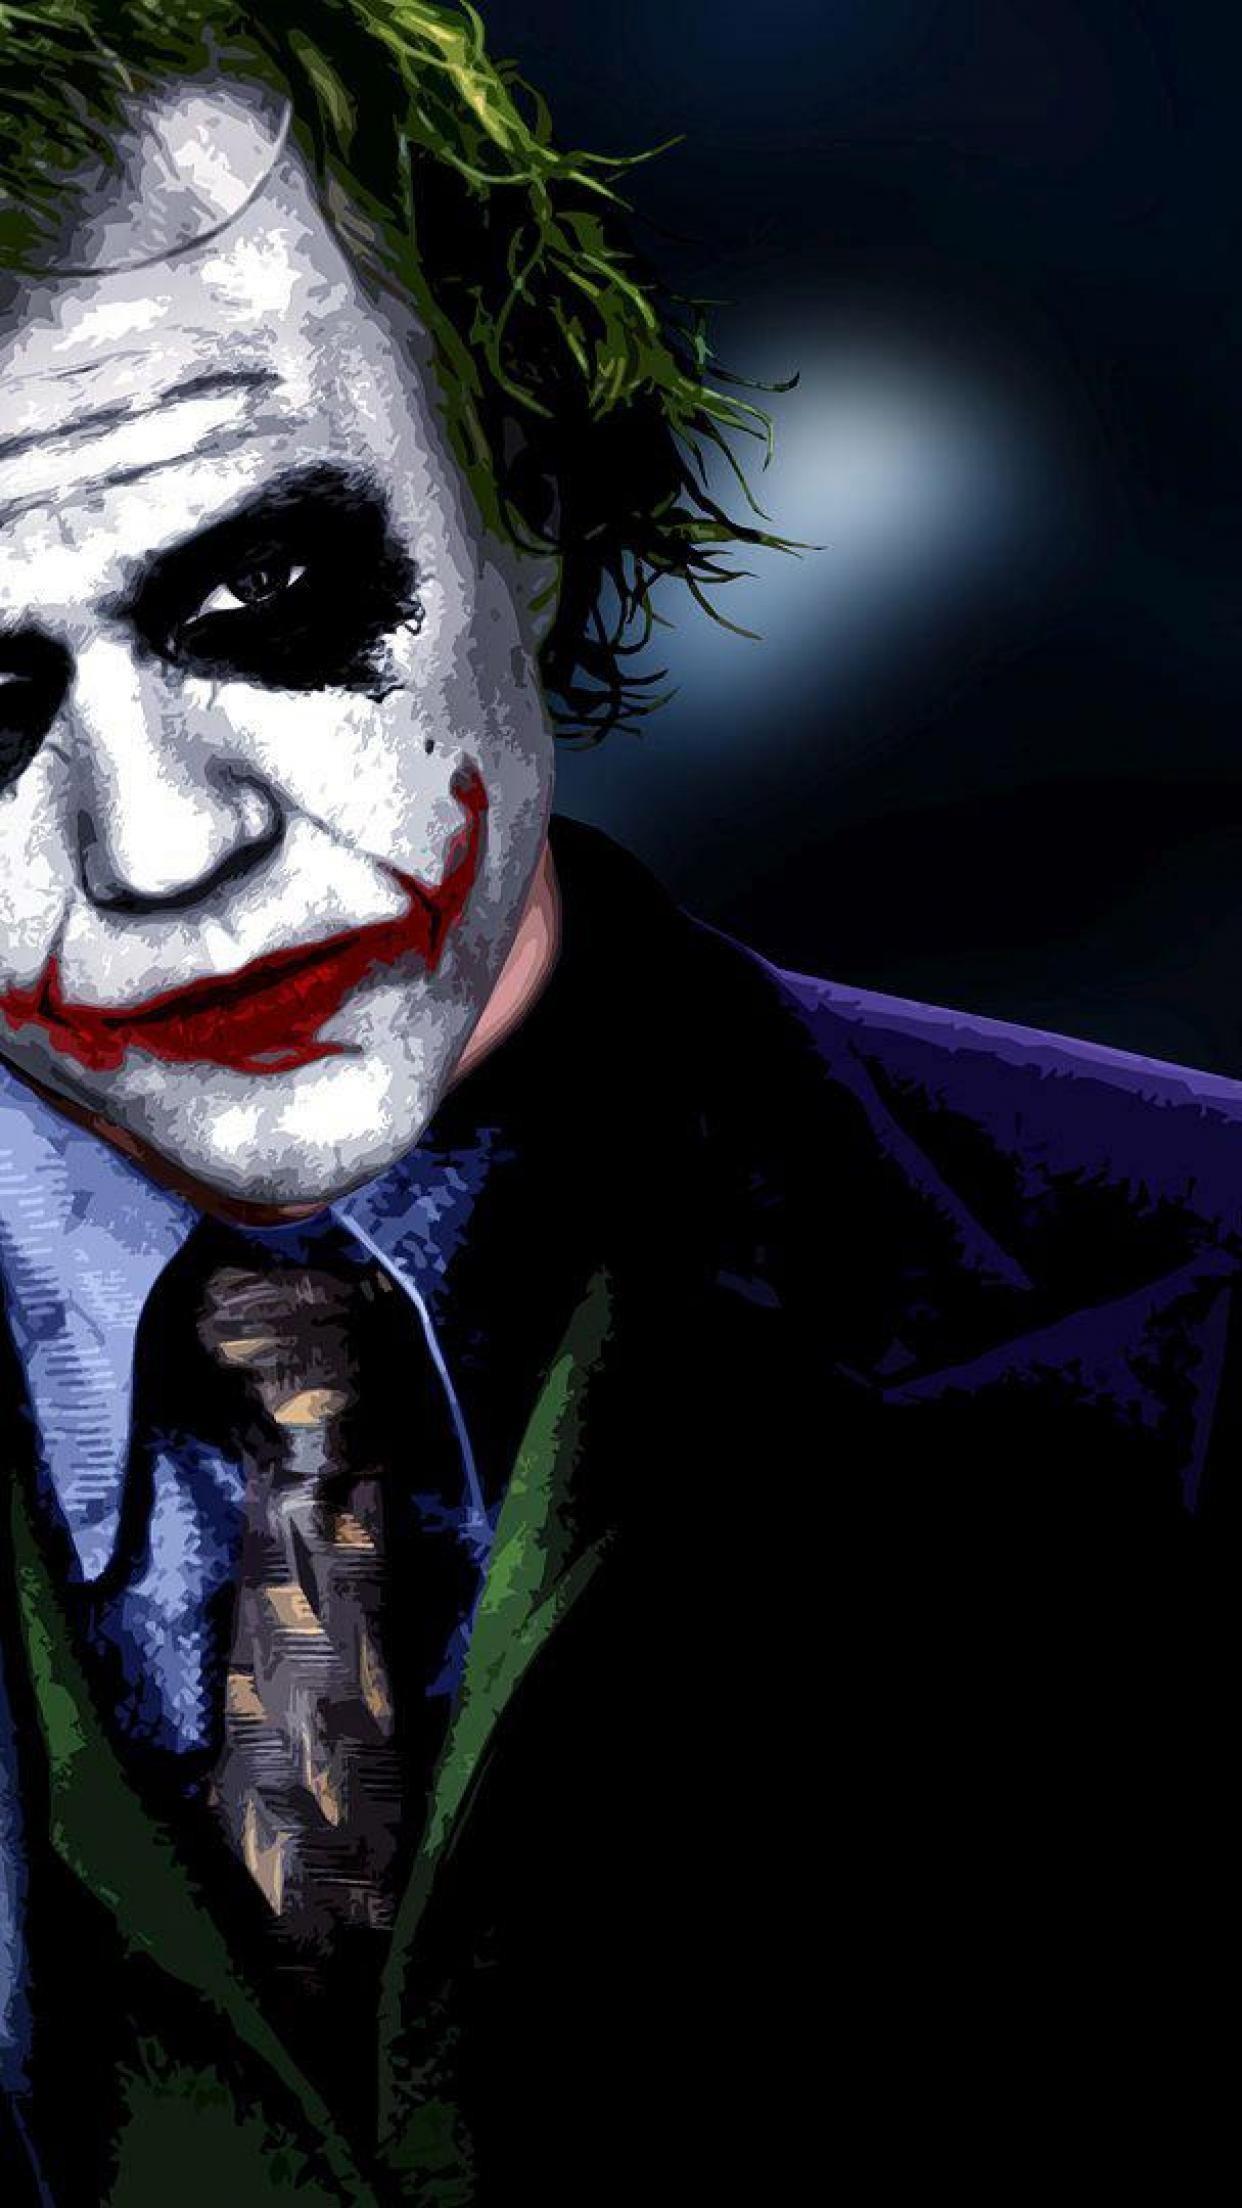 Joker Hd Iphone Wallpapers – image #782212 …